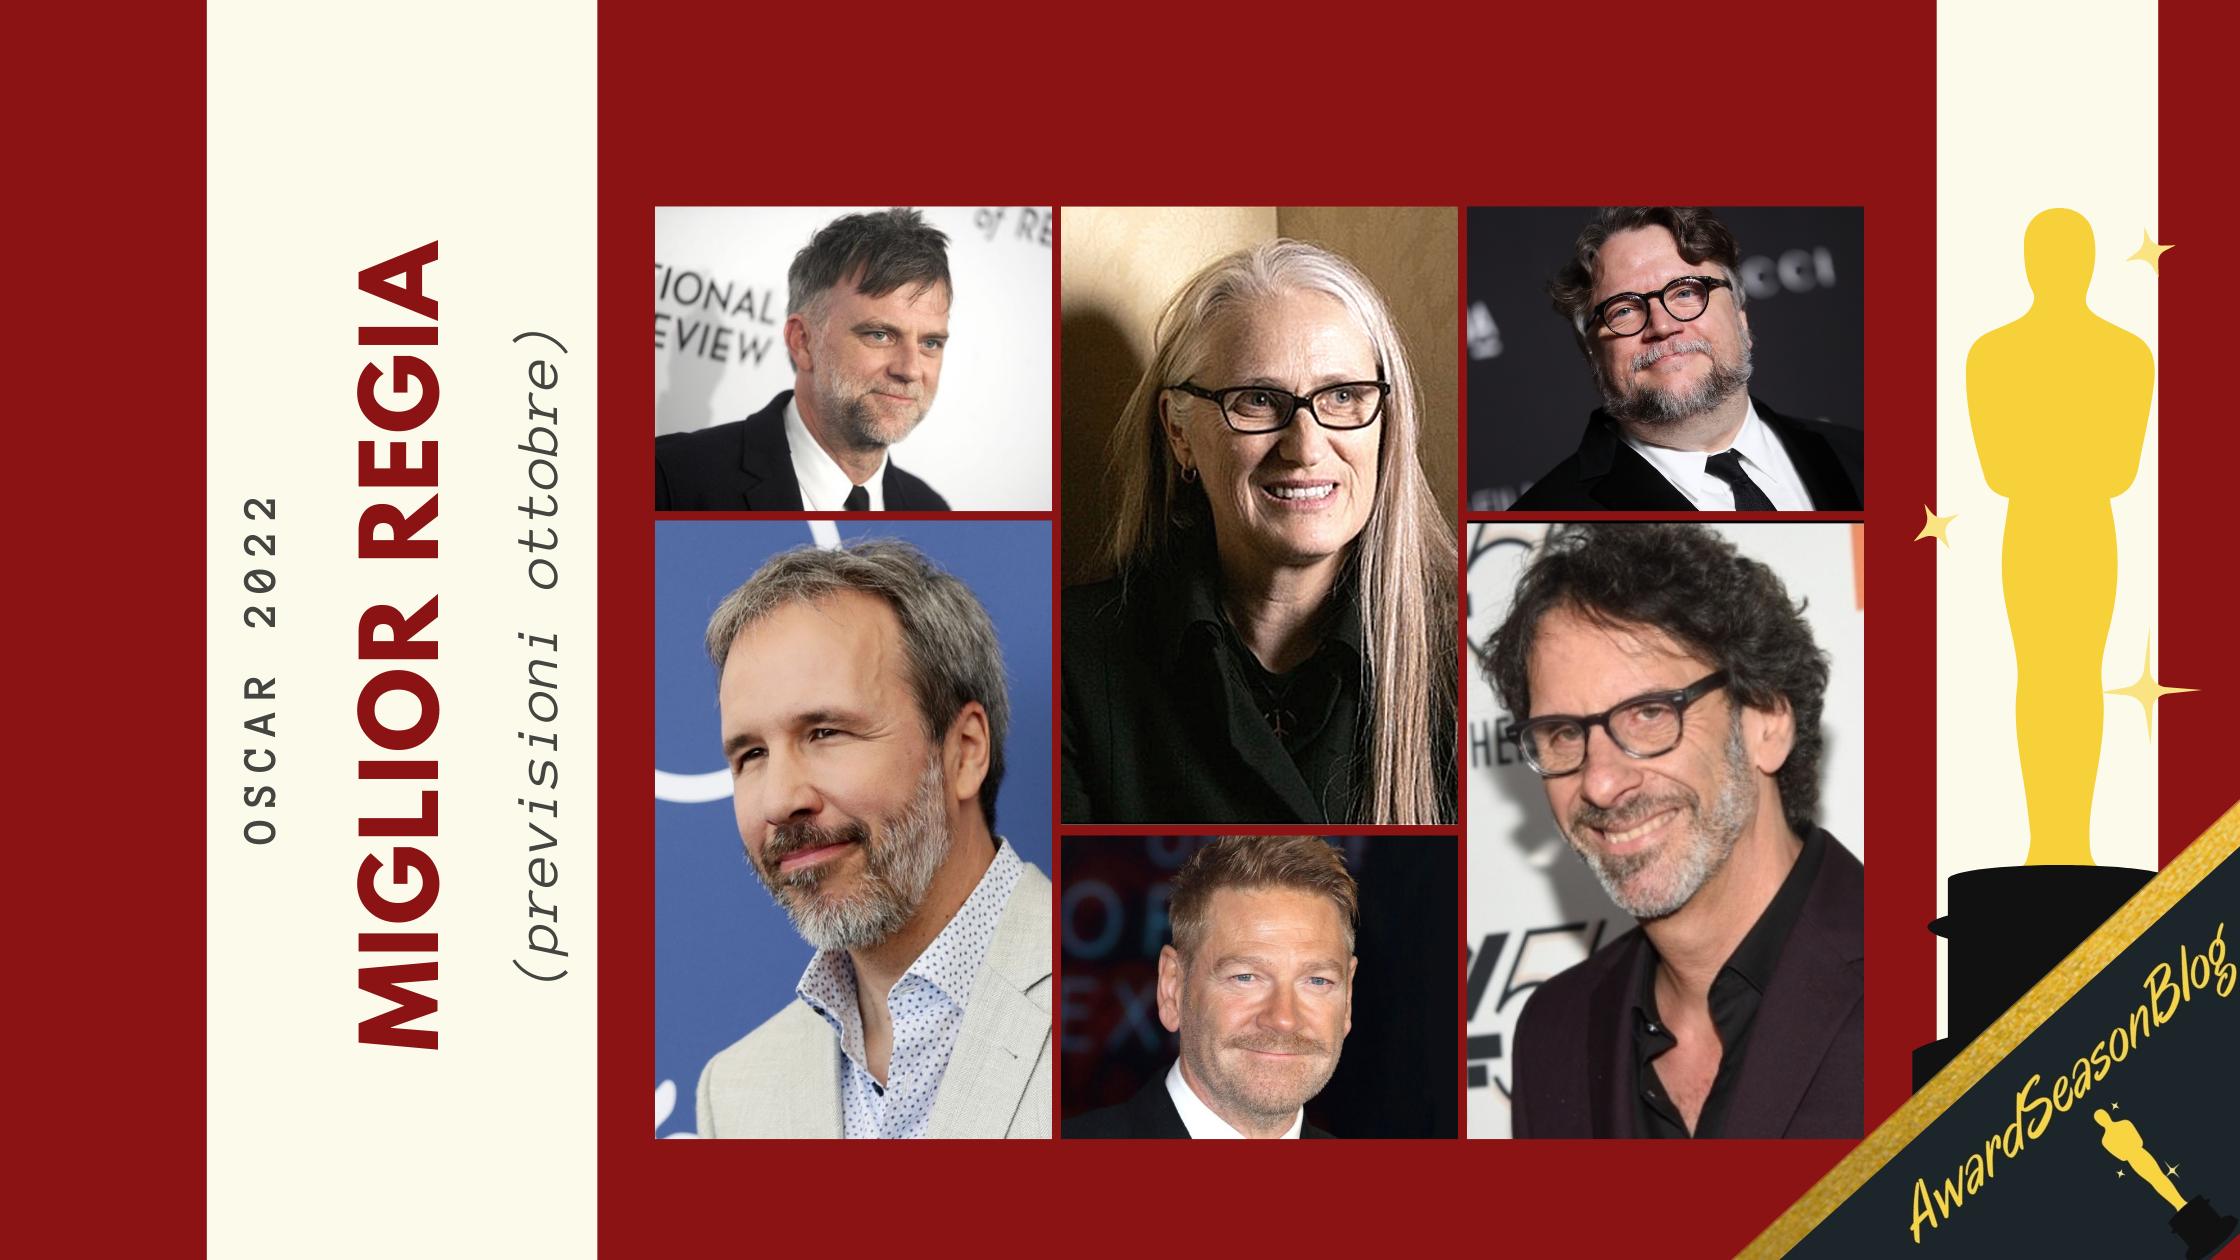 Oscar 2022: quali sono i migliori registi da tenere d'occhio? (previsioni ottobre)